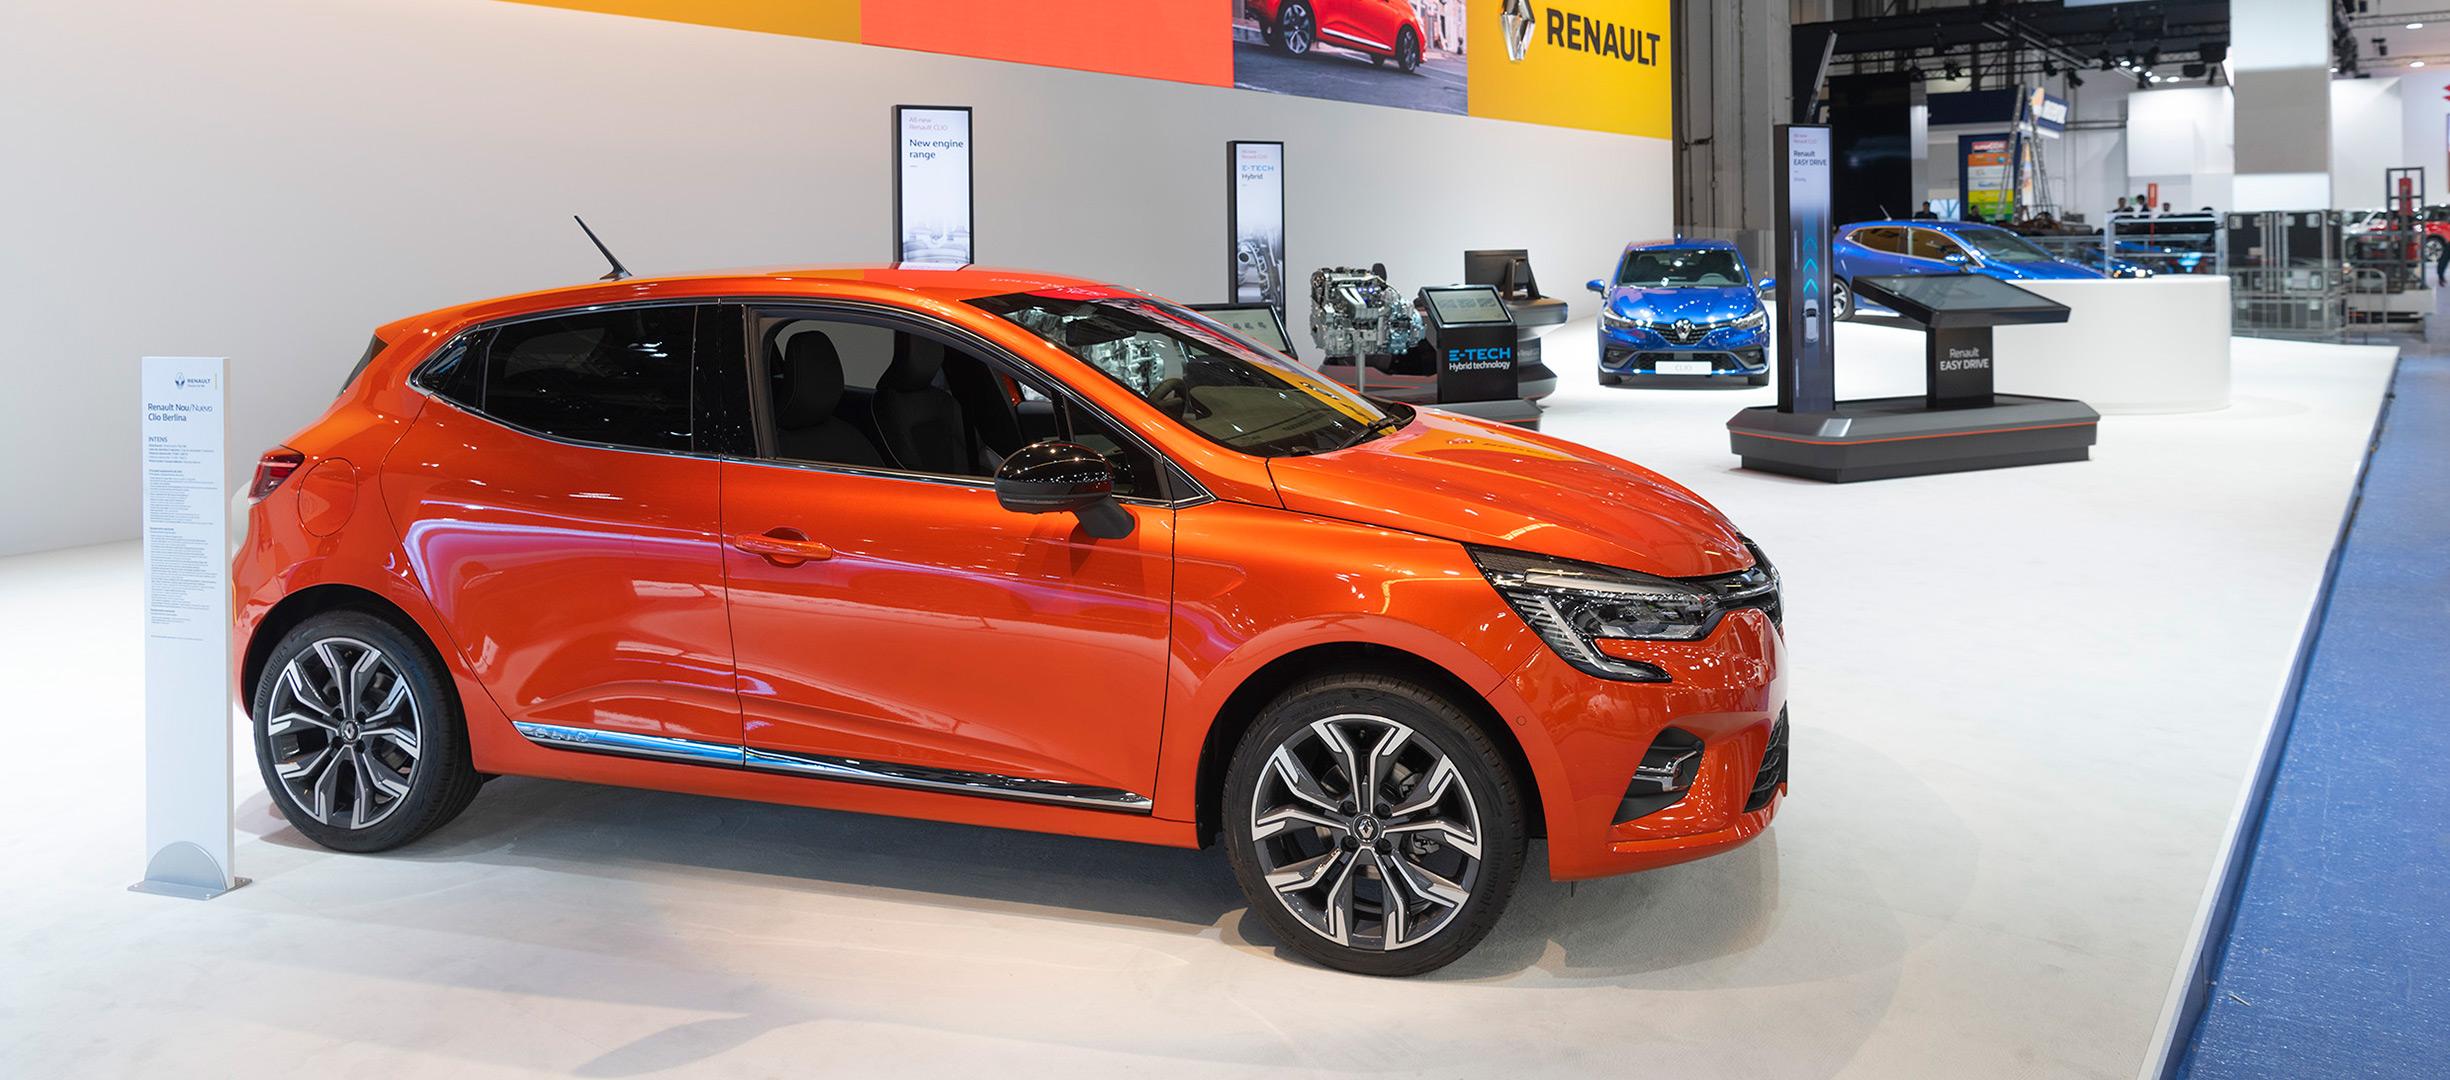 Automobile Barcelona 2019: Renault presenta la movilidad del futuro